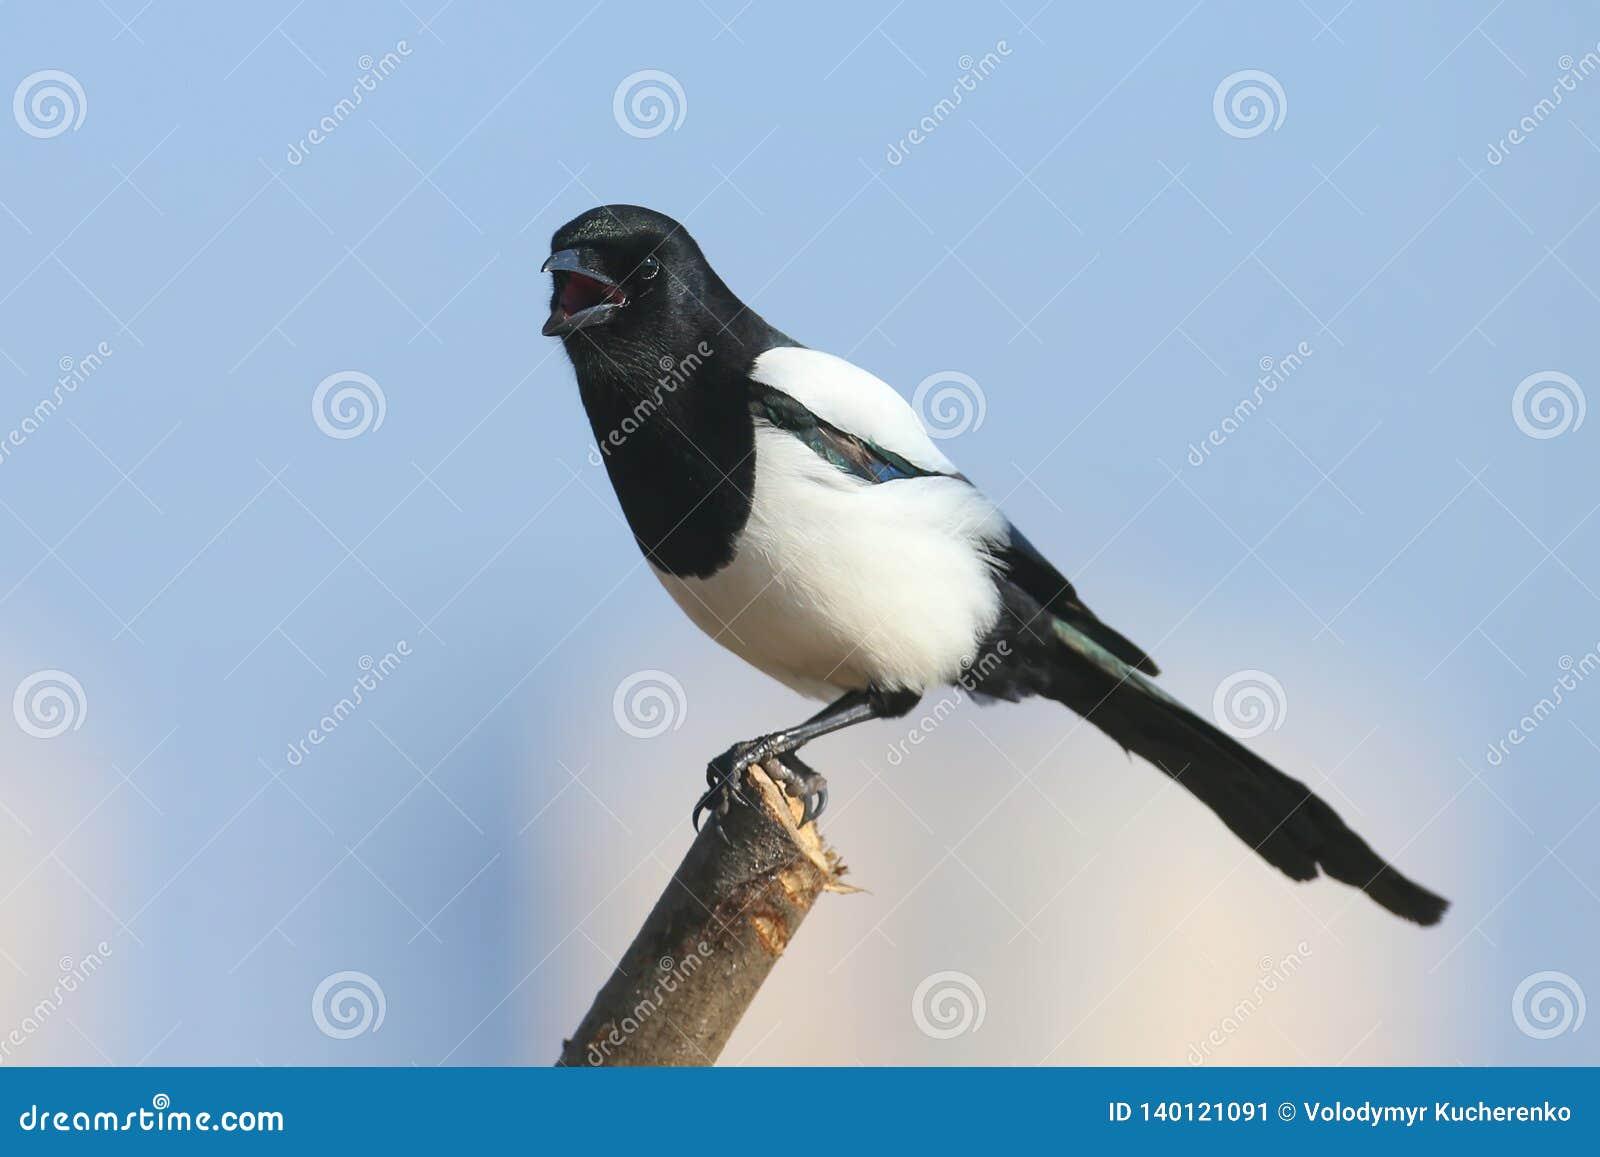 Close-up portrait of a magpie